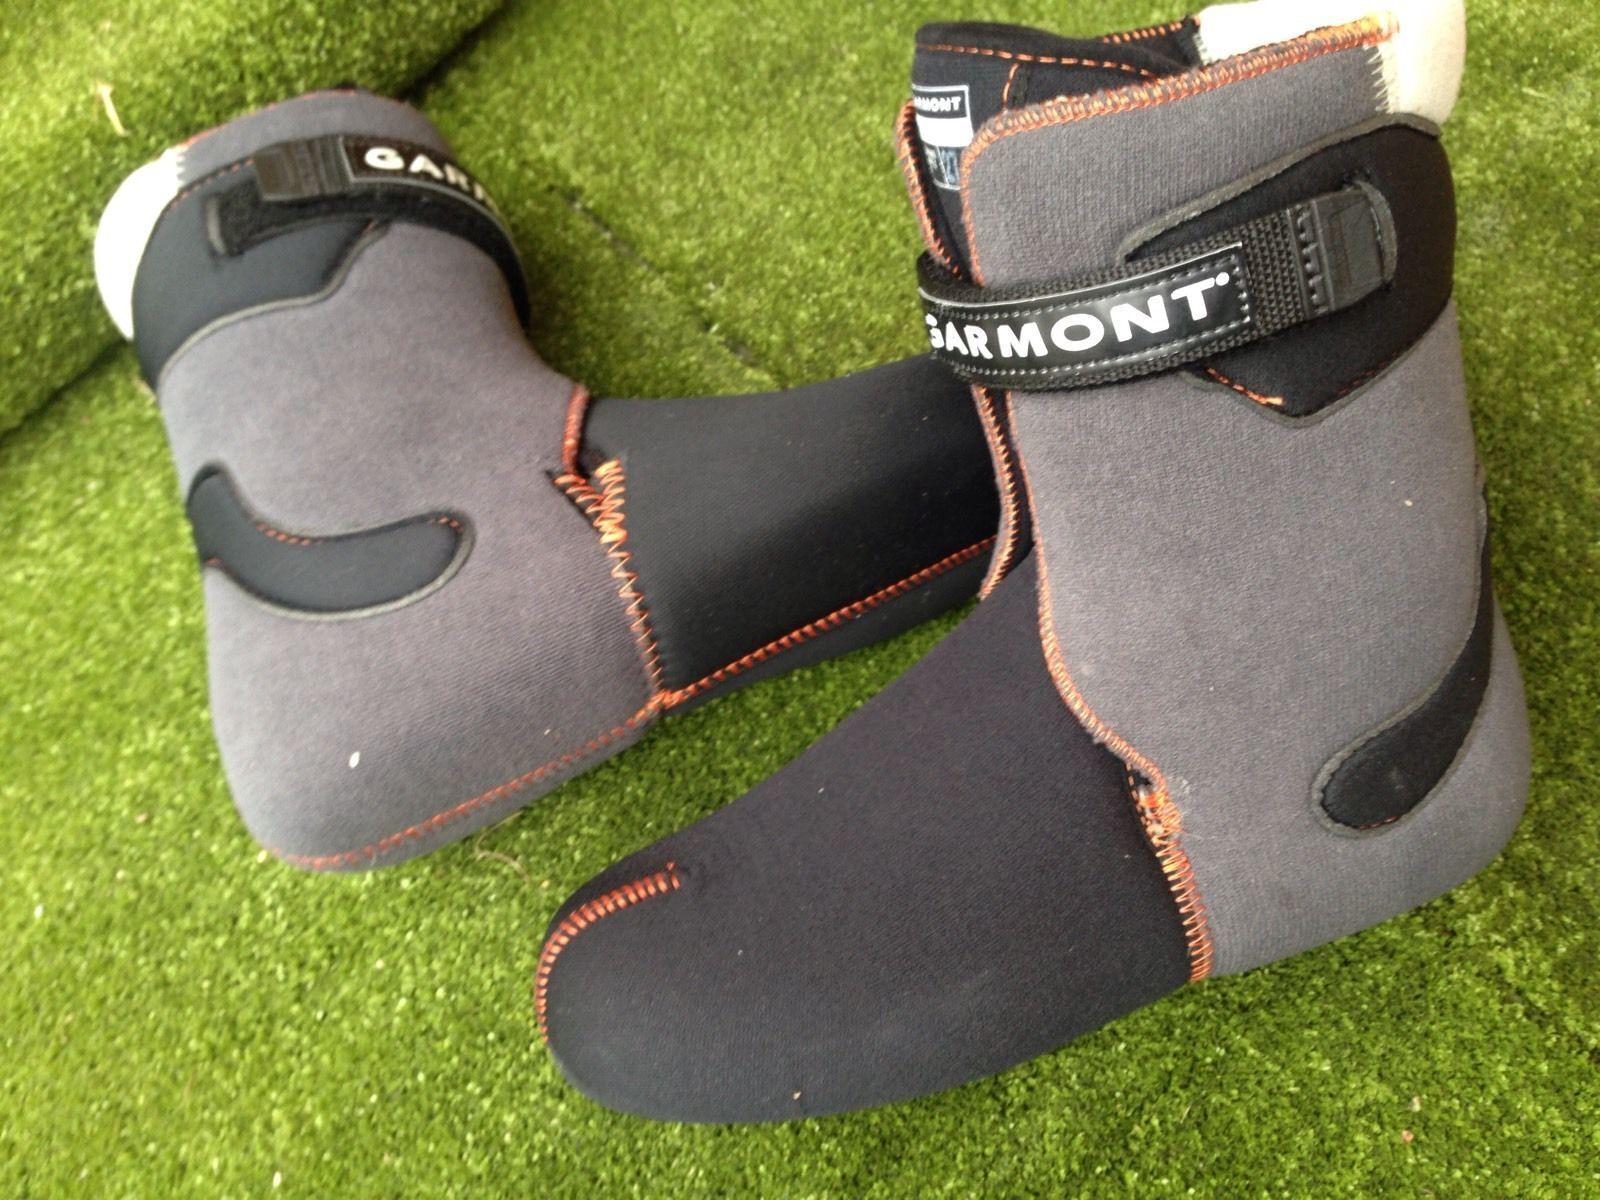 Scarpette per scarponi da sci bassi liners for backcountry ski stivali Thermofit